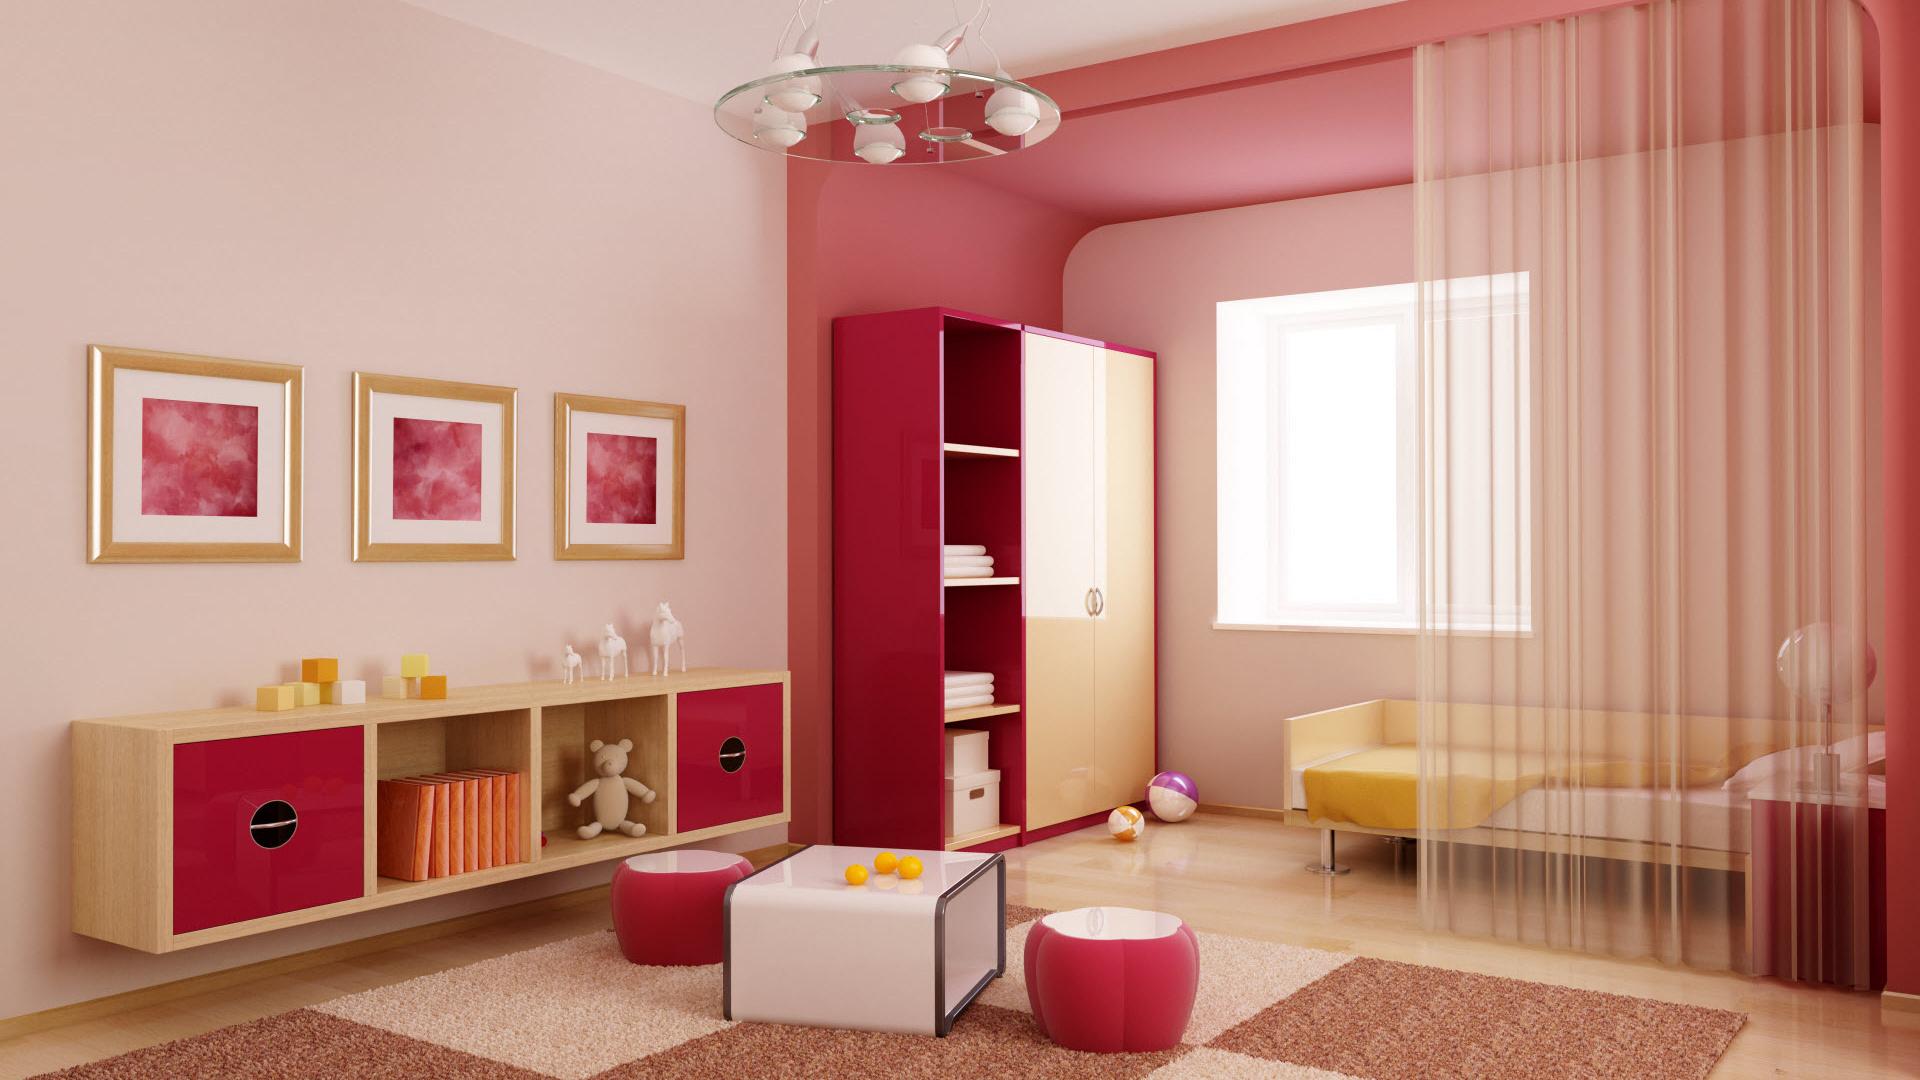 Детская комната  № 3567475 бесплатно